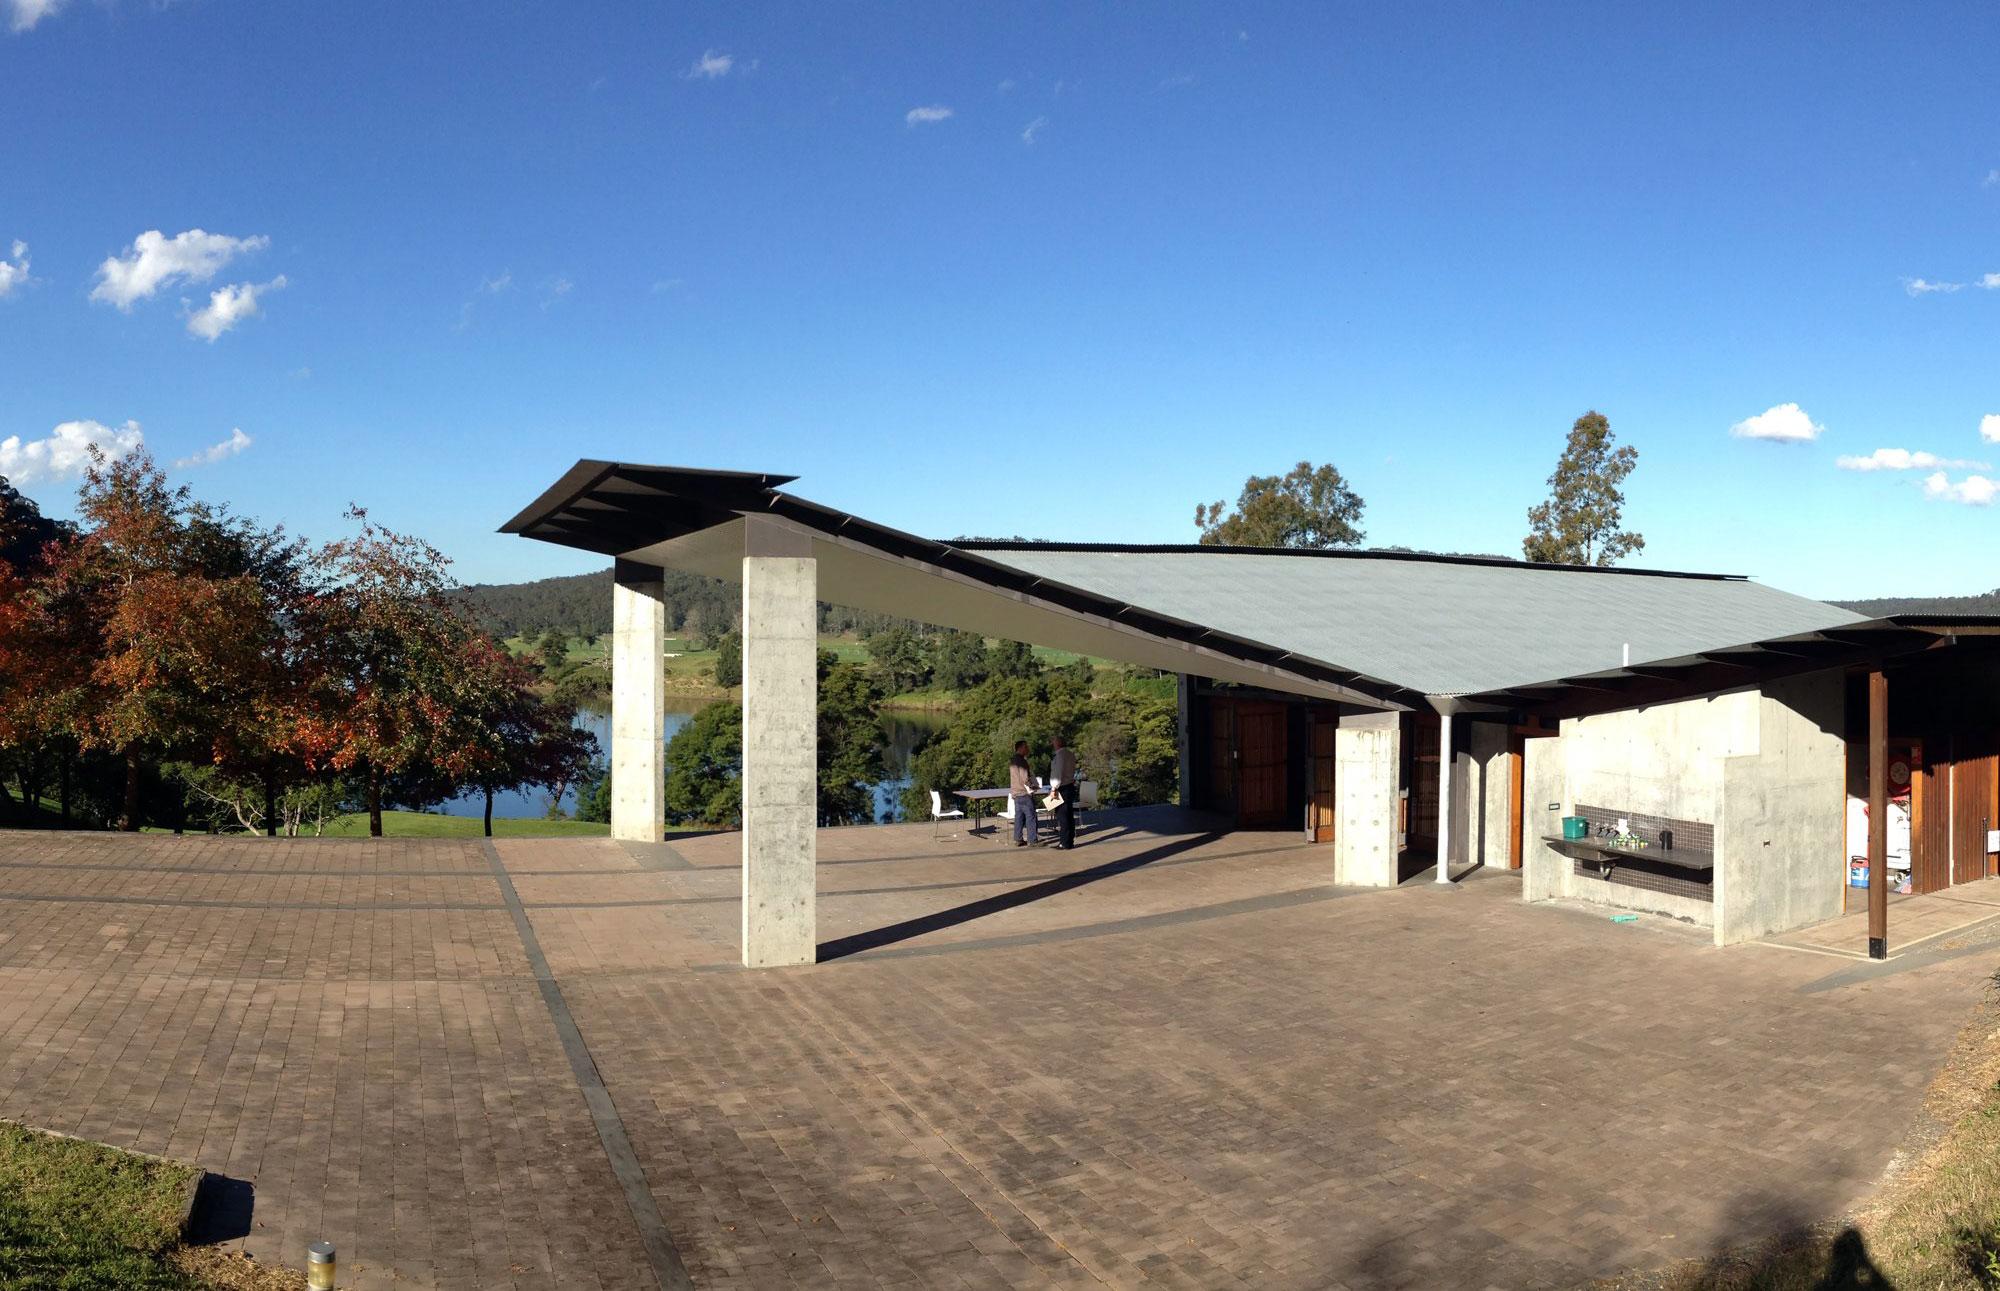 Boyd Education Center - KTS Glenn Murcutt - Mái tôn tạo nên một ấn tượng mạnh với thiết kế gấp khúc